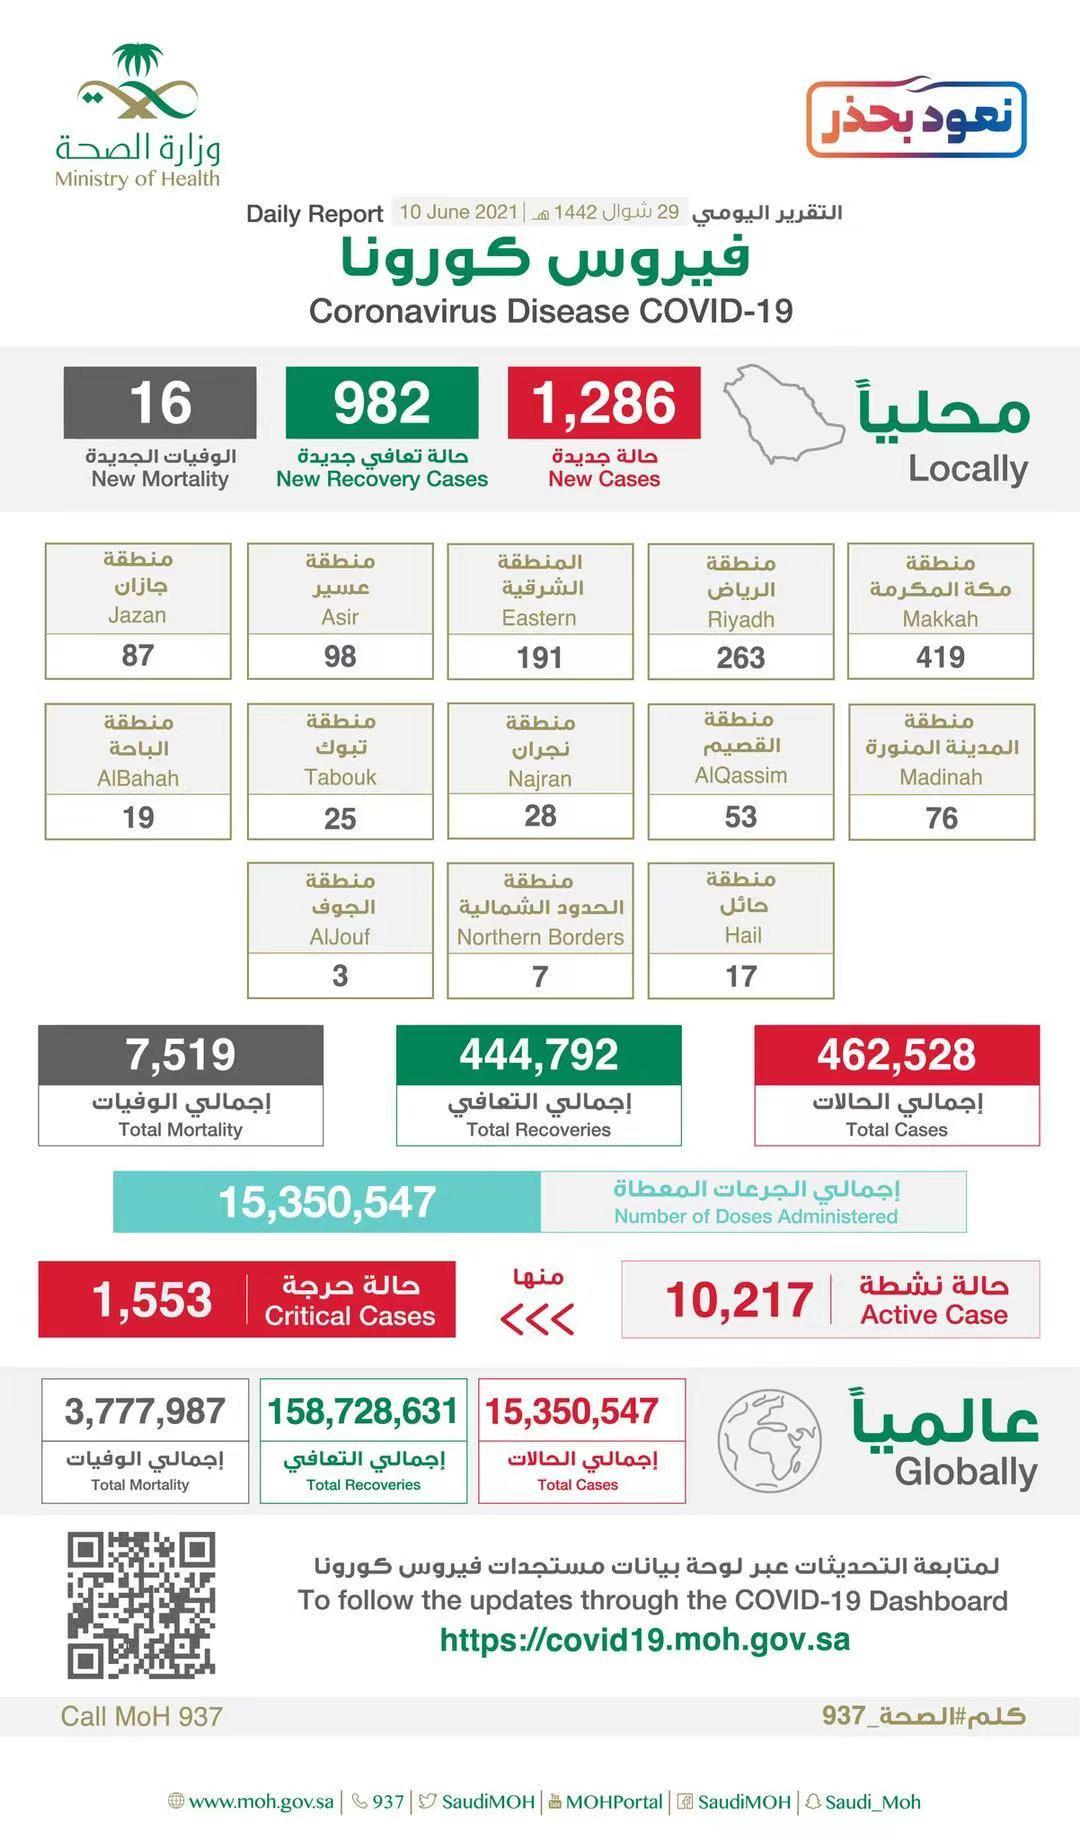 沙特新增新冠肺炎确诊病例1286例 累计确诊462528例